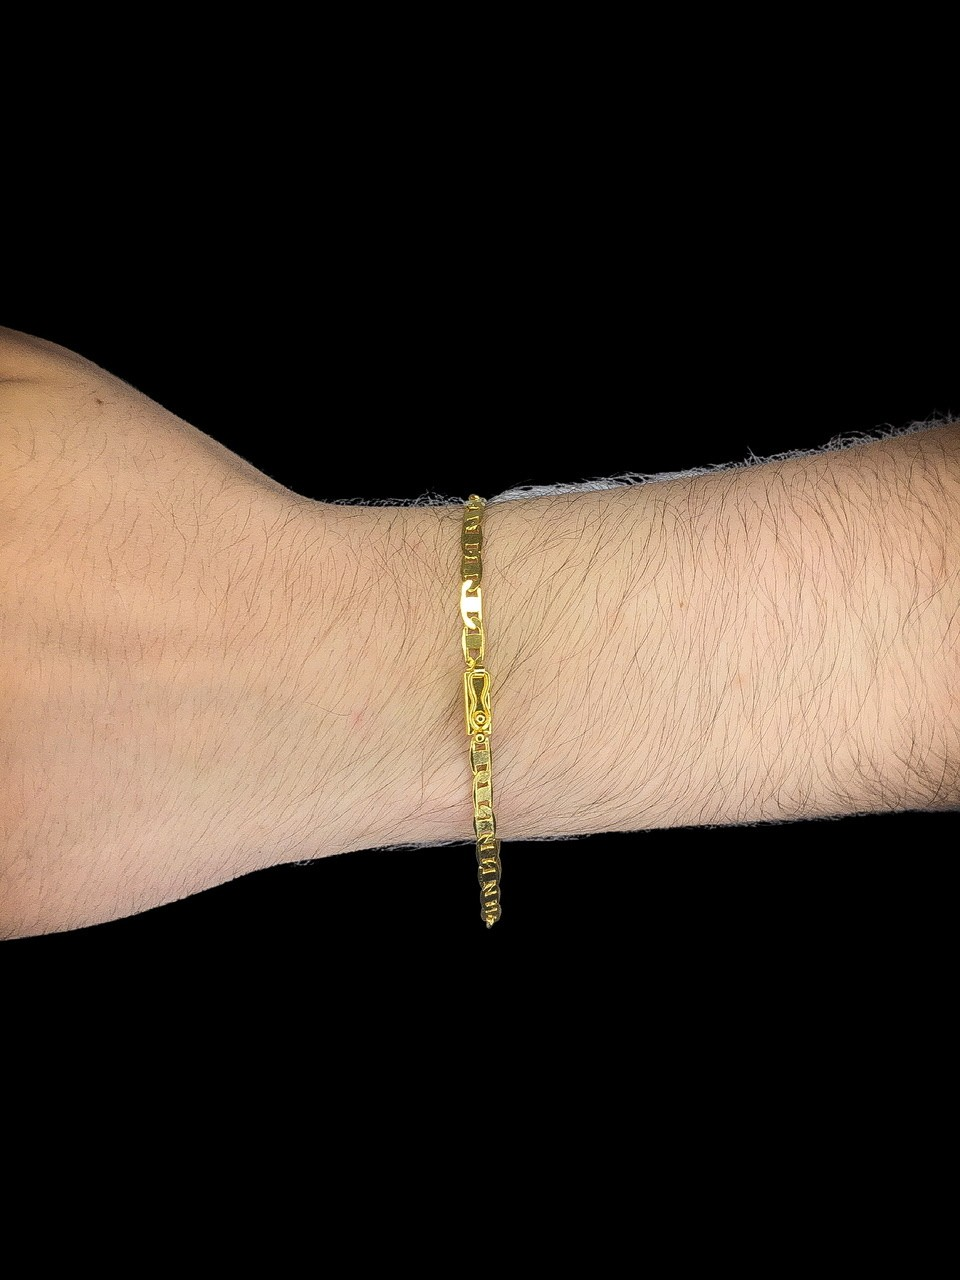 Pulseira  Piastrine -  4 milímetros - 70 Centímetros - fecho Gaveta - Banhado a ouro 18 k